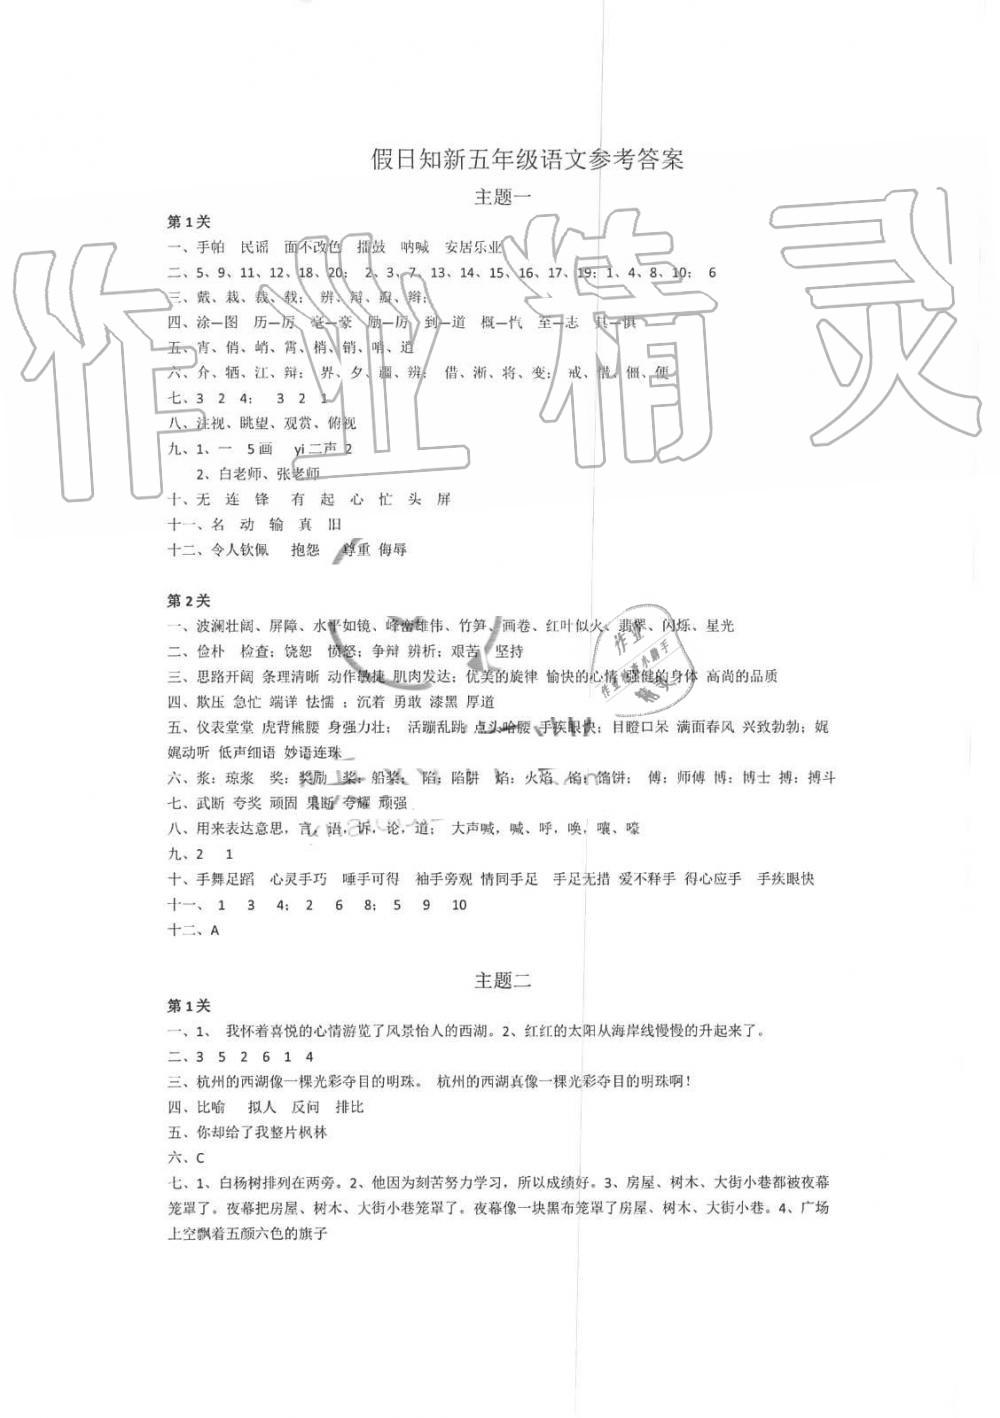 2019年暑假学习与生活假日知新五年级语文湖南师范大学出版社第1页